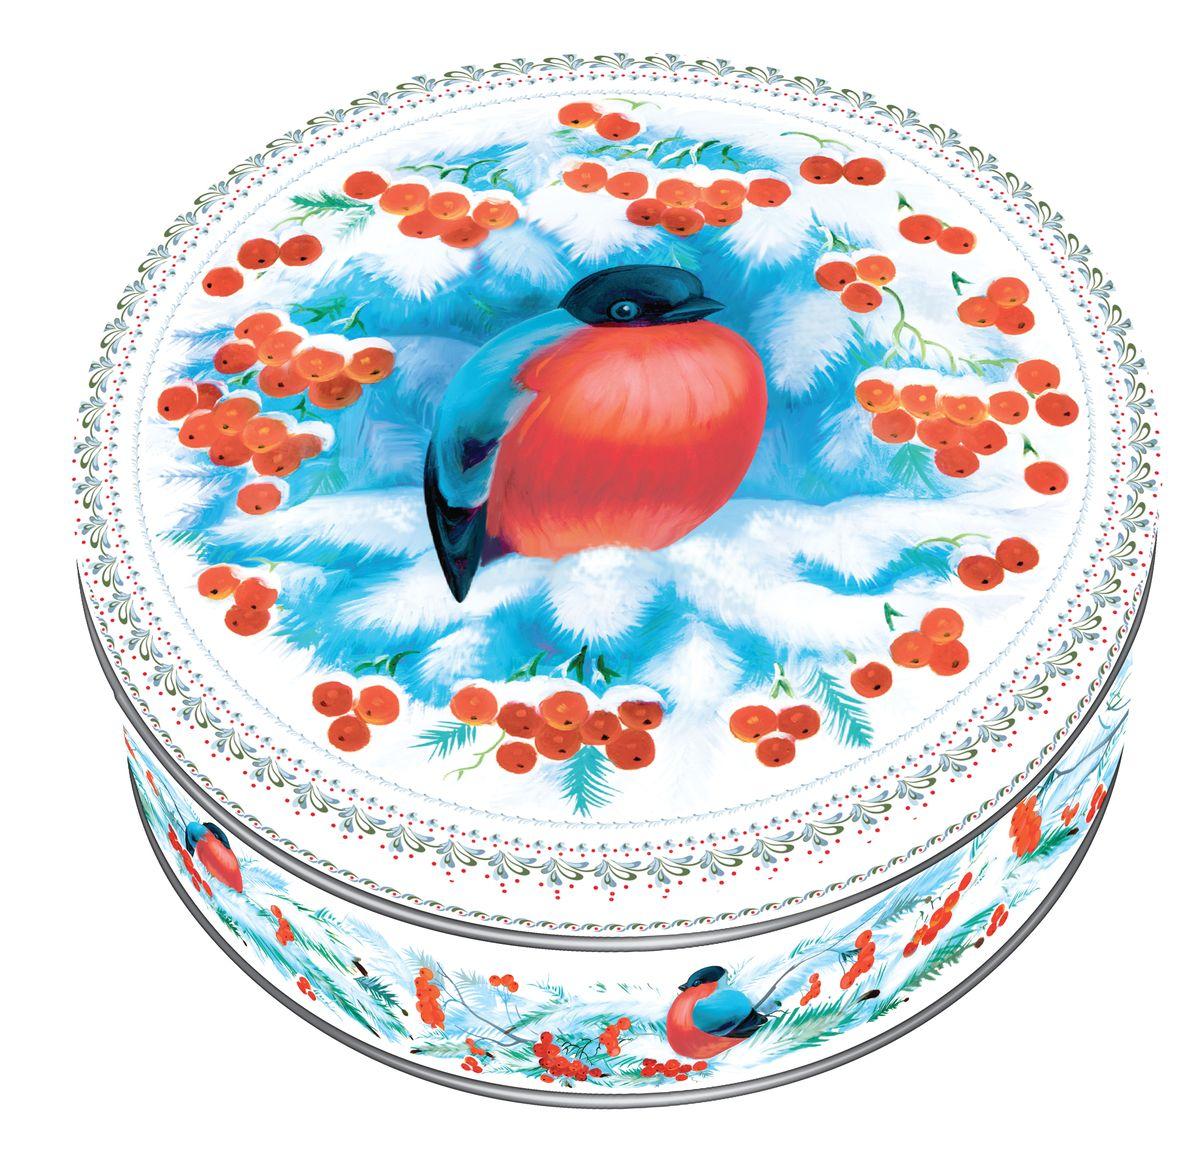 Сладкая Сказка Печенье Снегири (Жостово), 400 г купить печенье с предсказанием